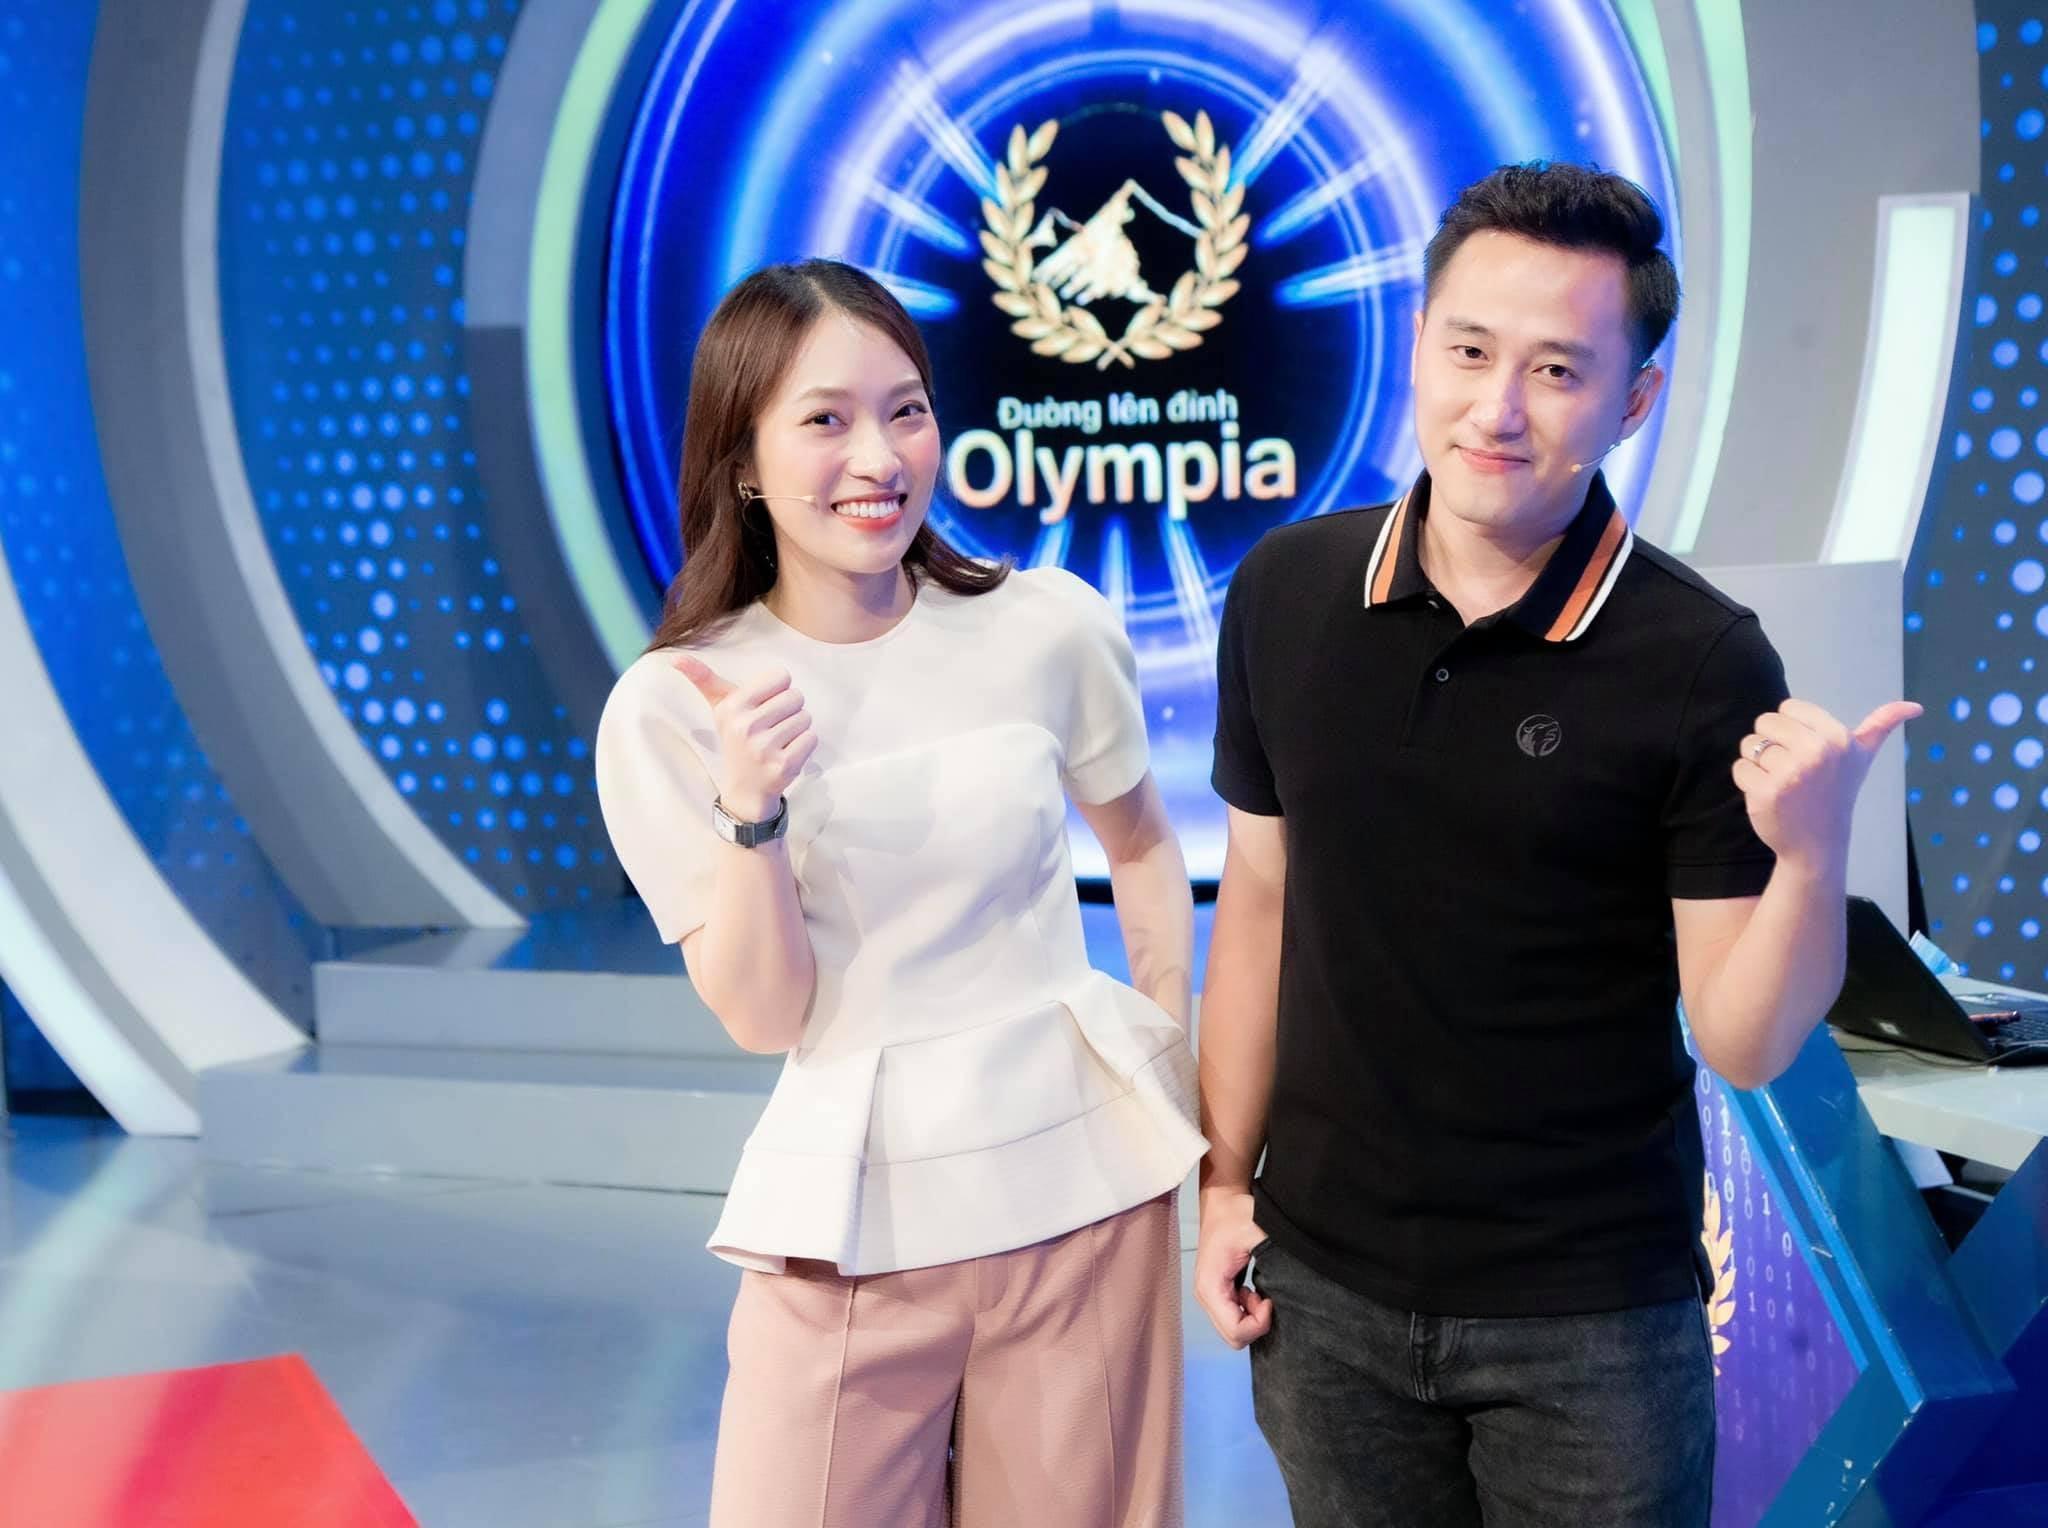 Profile siêu khủng Khánh Vy – MC chính thức của Đường Lên Đỉnh Olympia mùa thứ 22